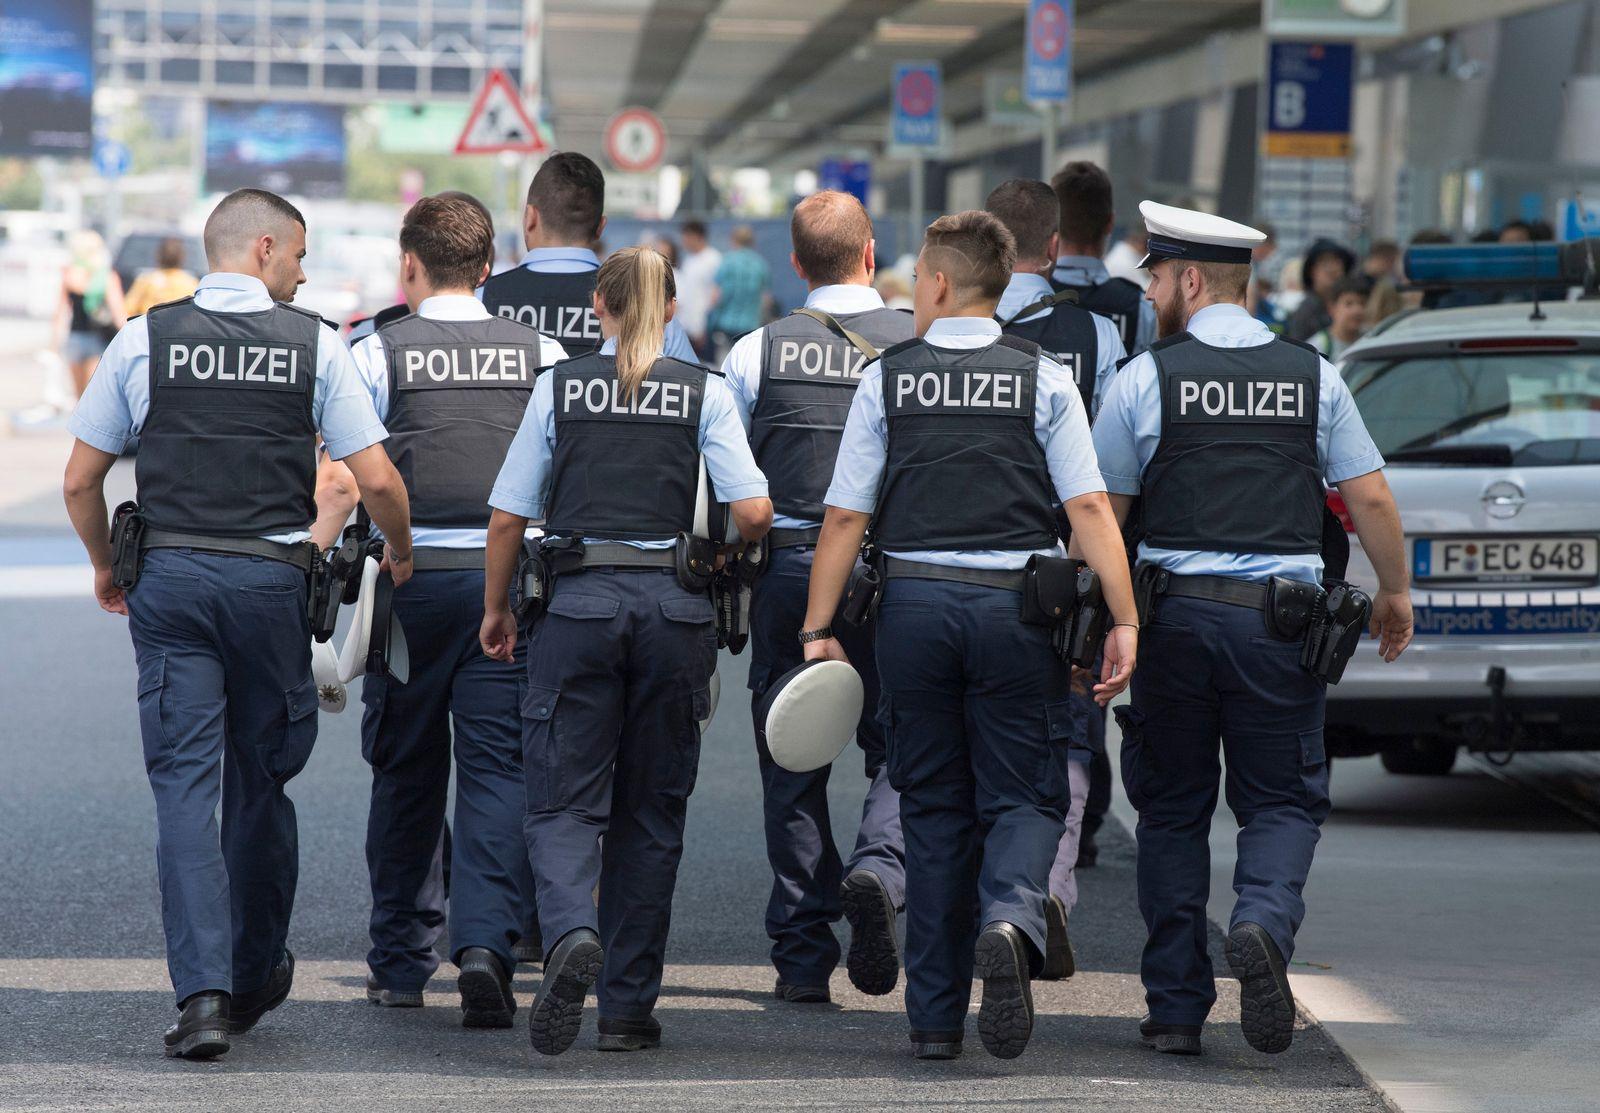 Flughafen Frankfurt nach Sicherheitsvorfall teilweise geräumt